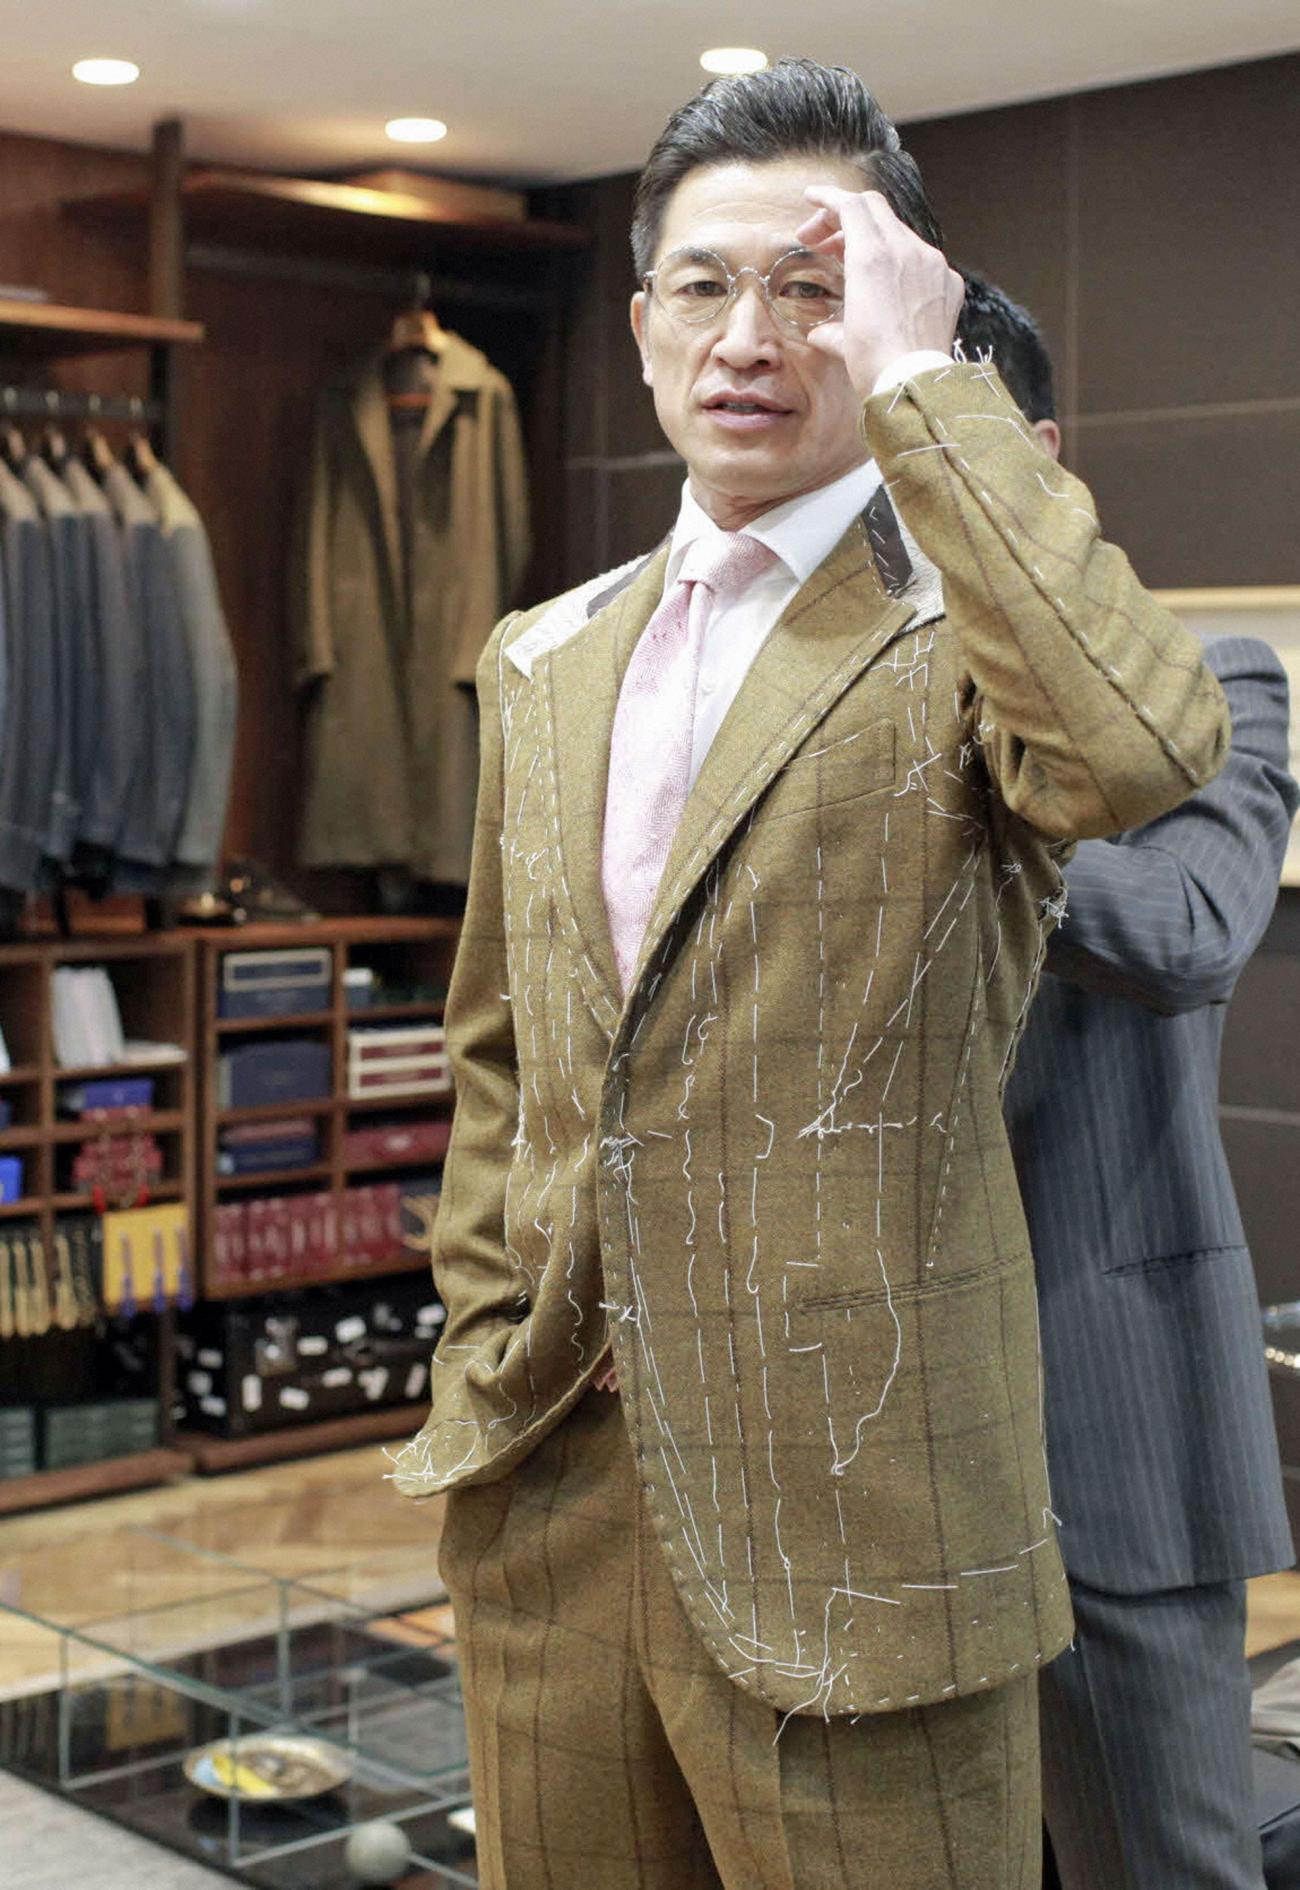 カズがファッション誌表紙、スーツへのこだわり語る , 芸能